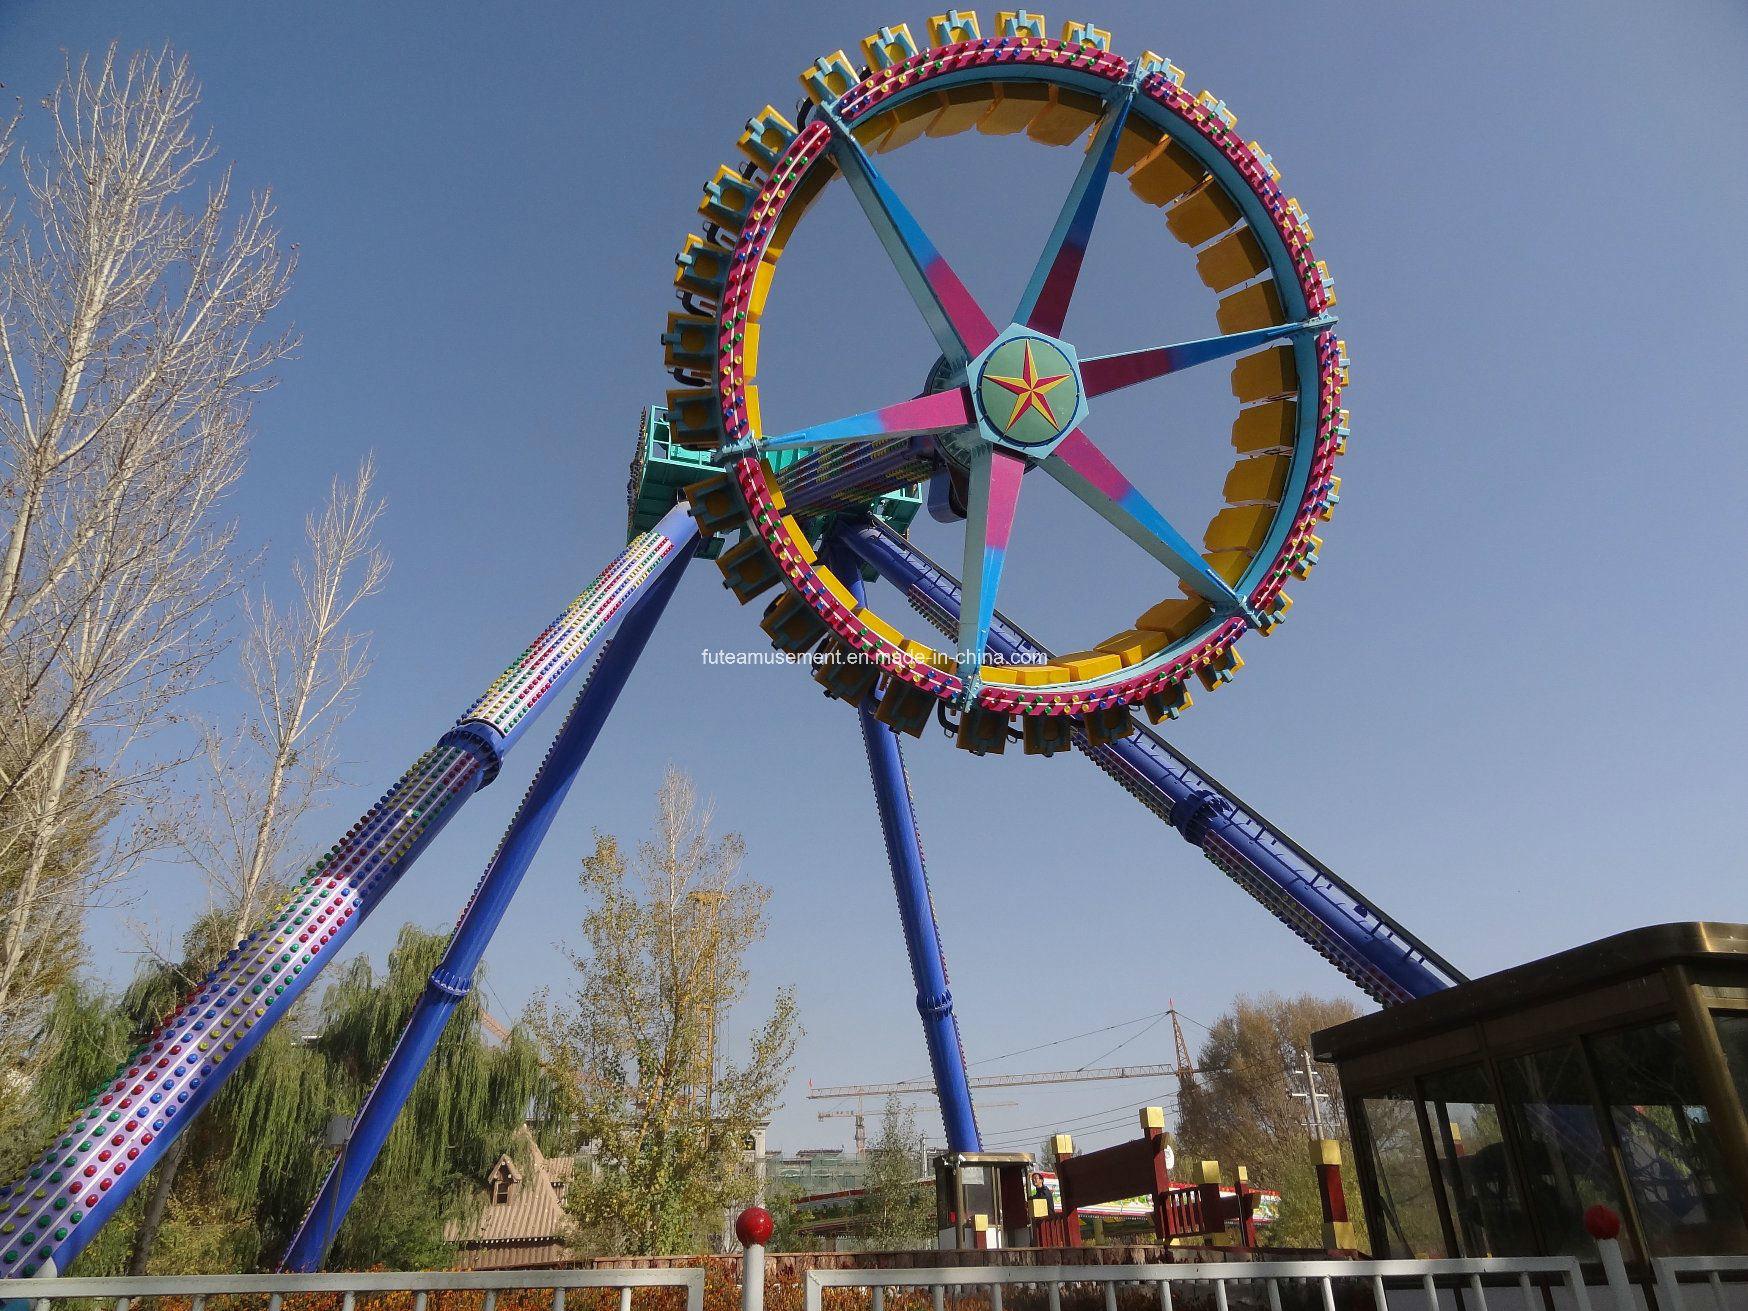 Amusement Park Rides Thrilling Big Pendulum Rides for Sale,